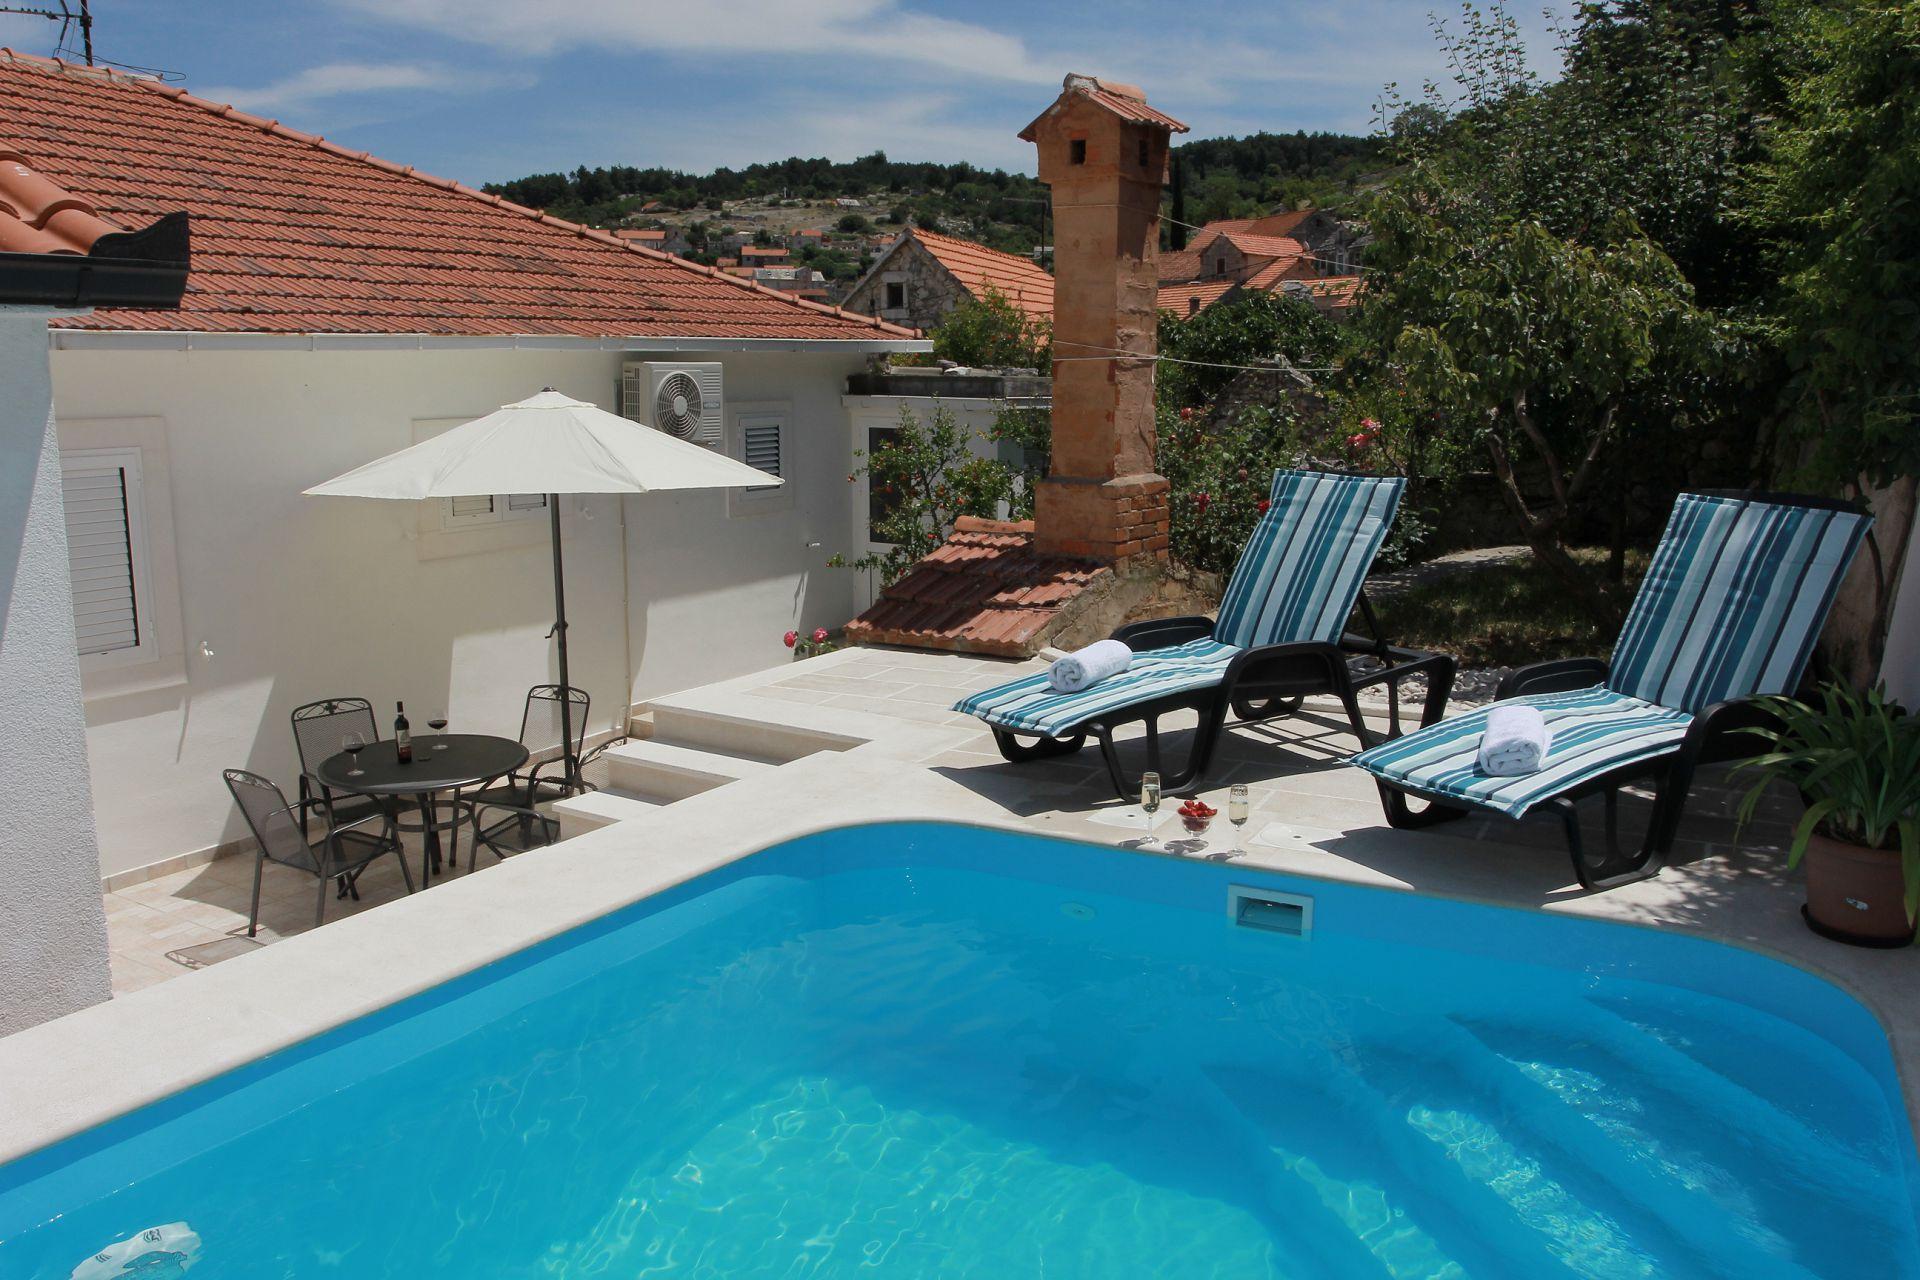 Maison de vacances Andre H(6+2) - Nerezisca (1533099), Nerezisca, Île de Brac, Dalmatie, Croatie, image 2